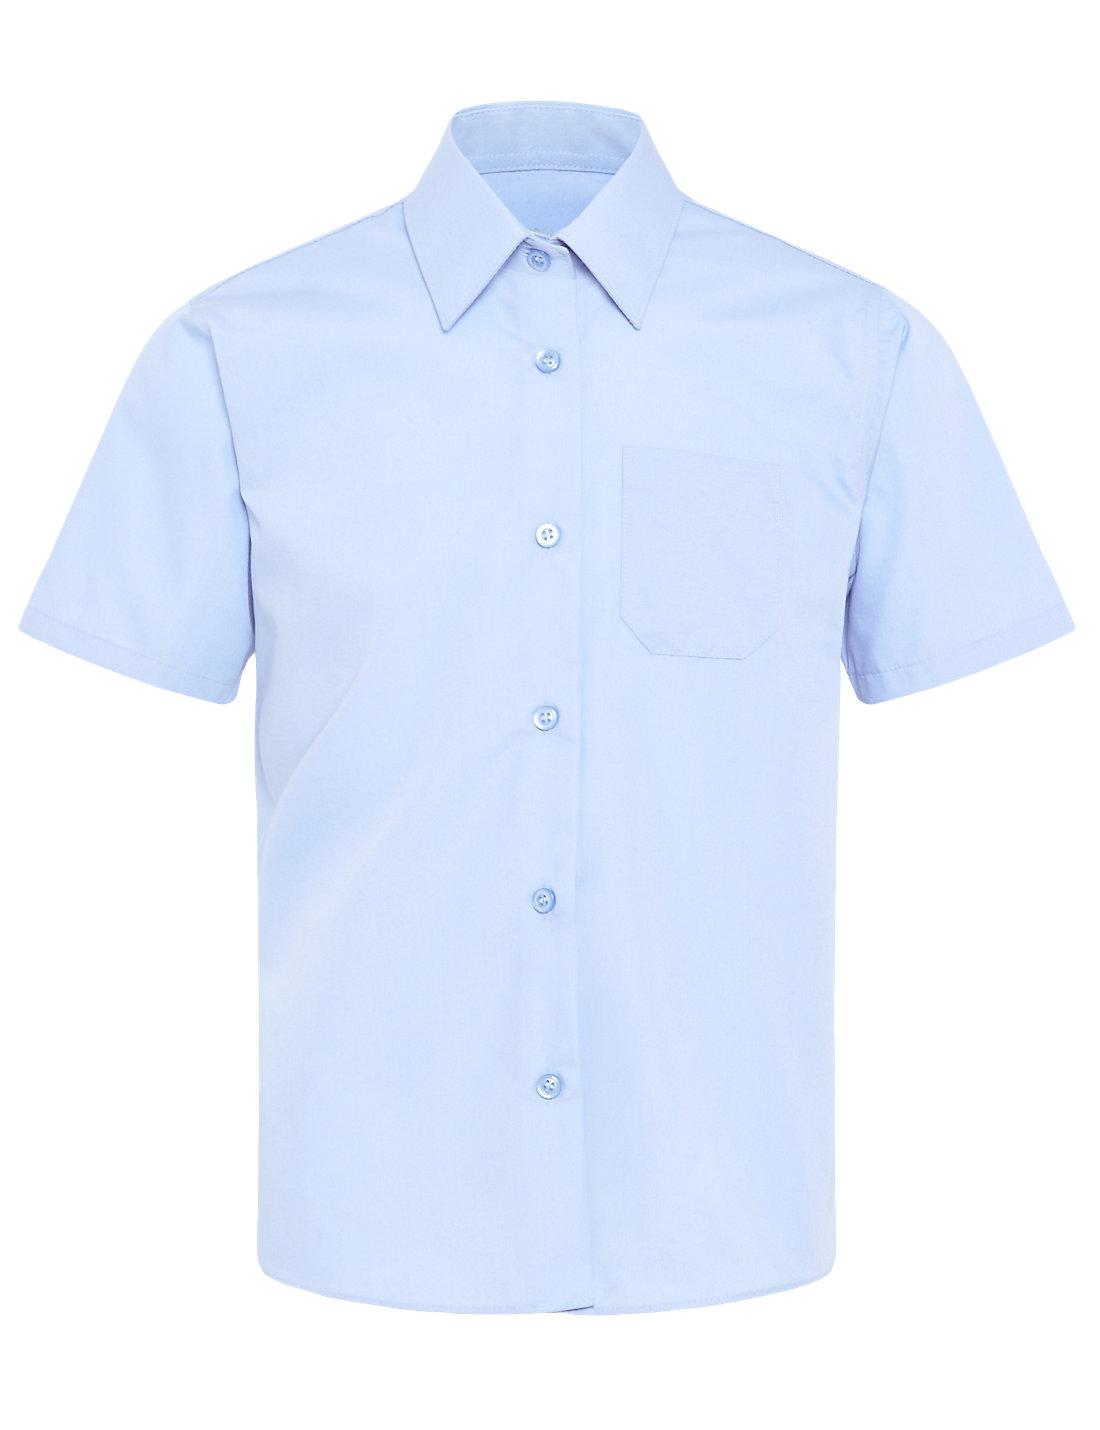 a808e6c5ce966 ... Camisa escolar azul manga corta - camisas escolares Pronens ...